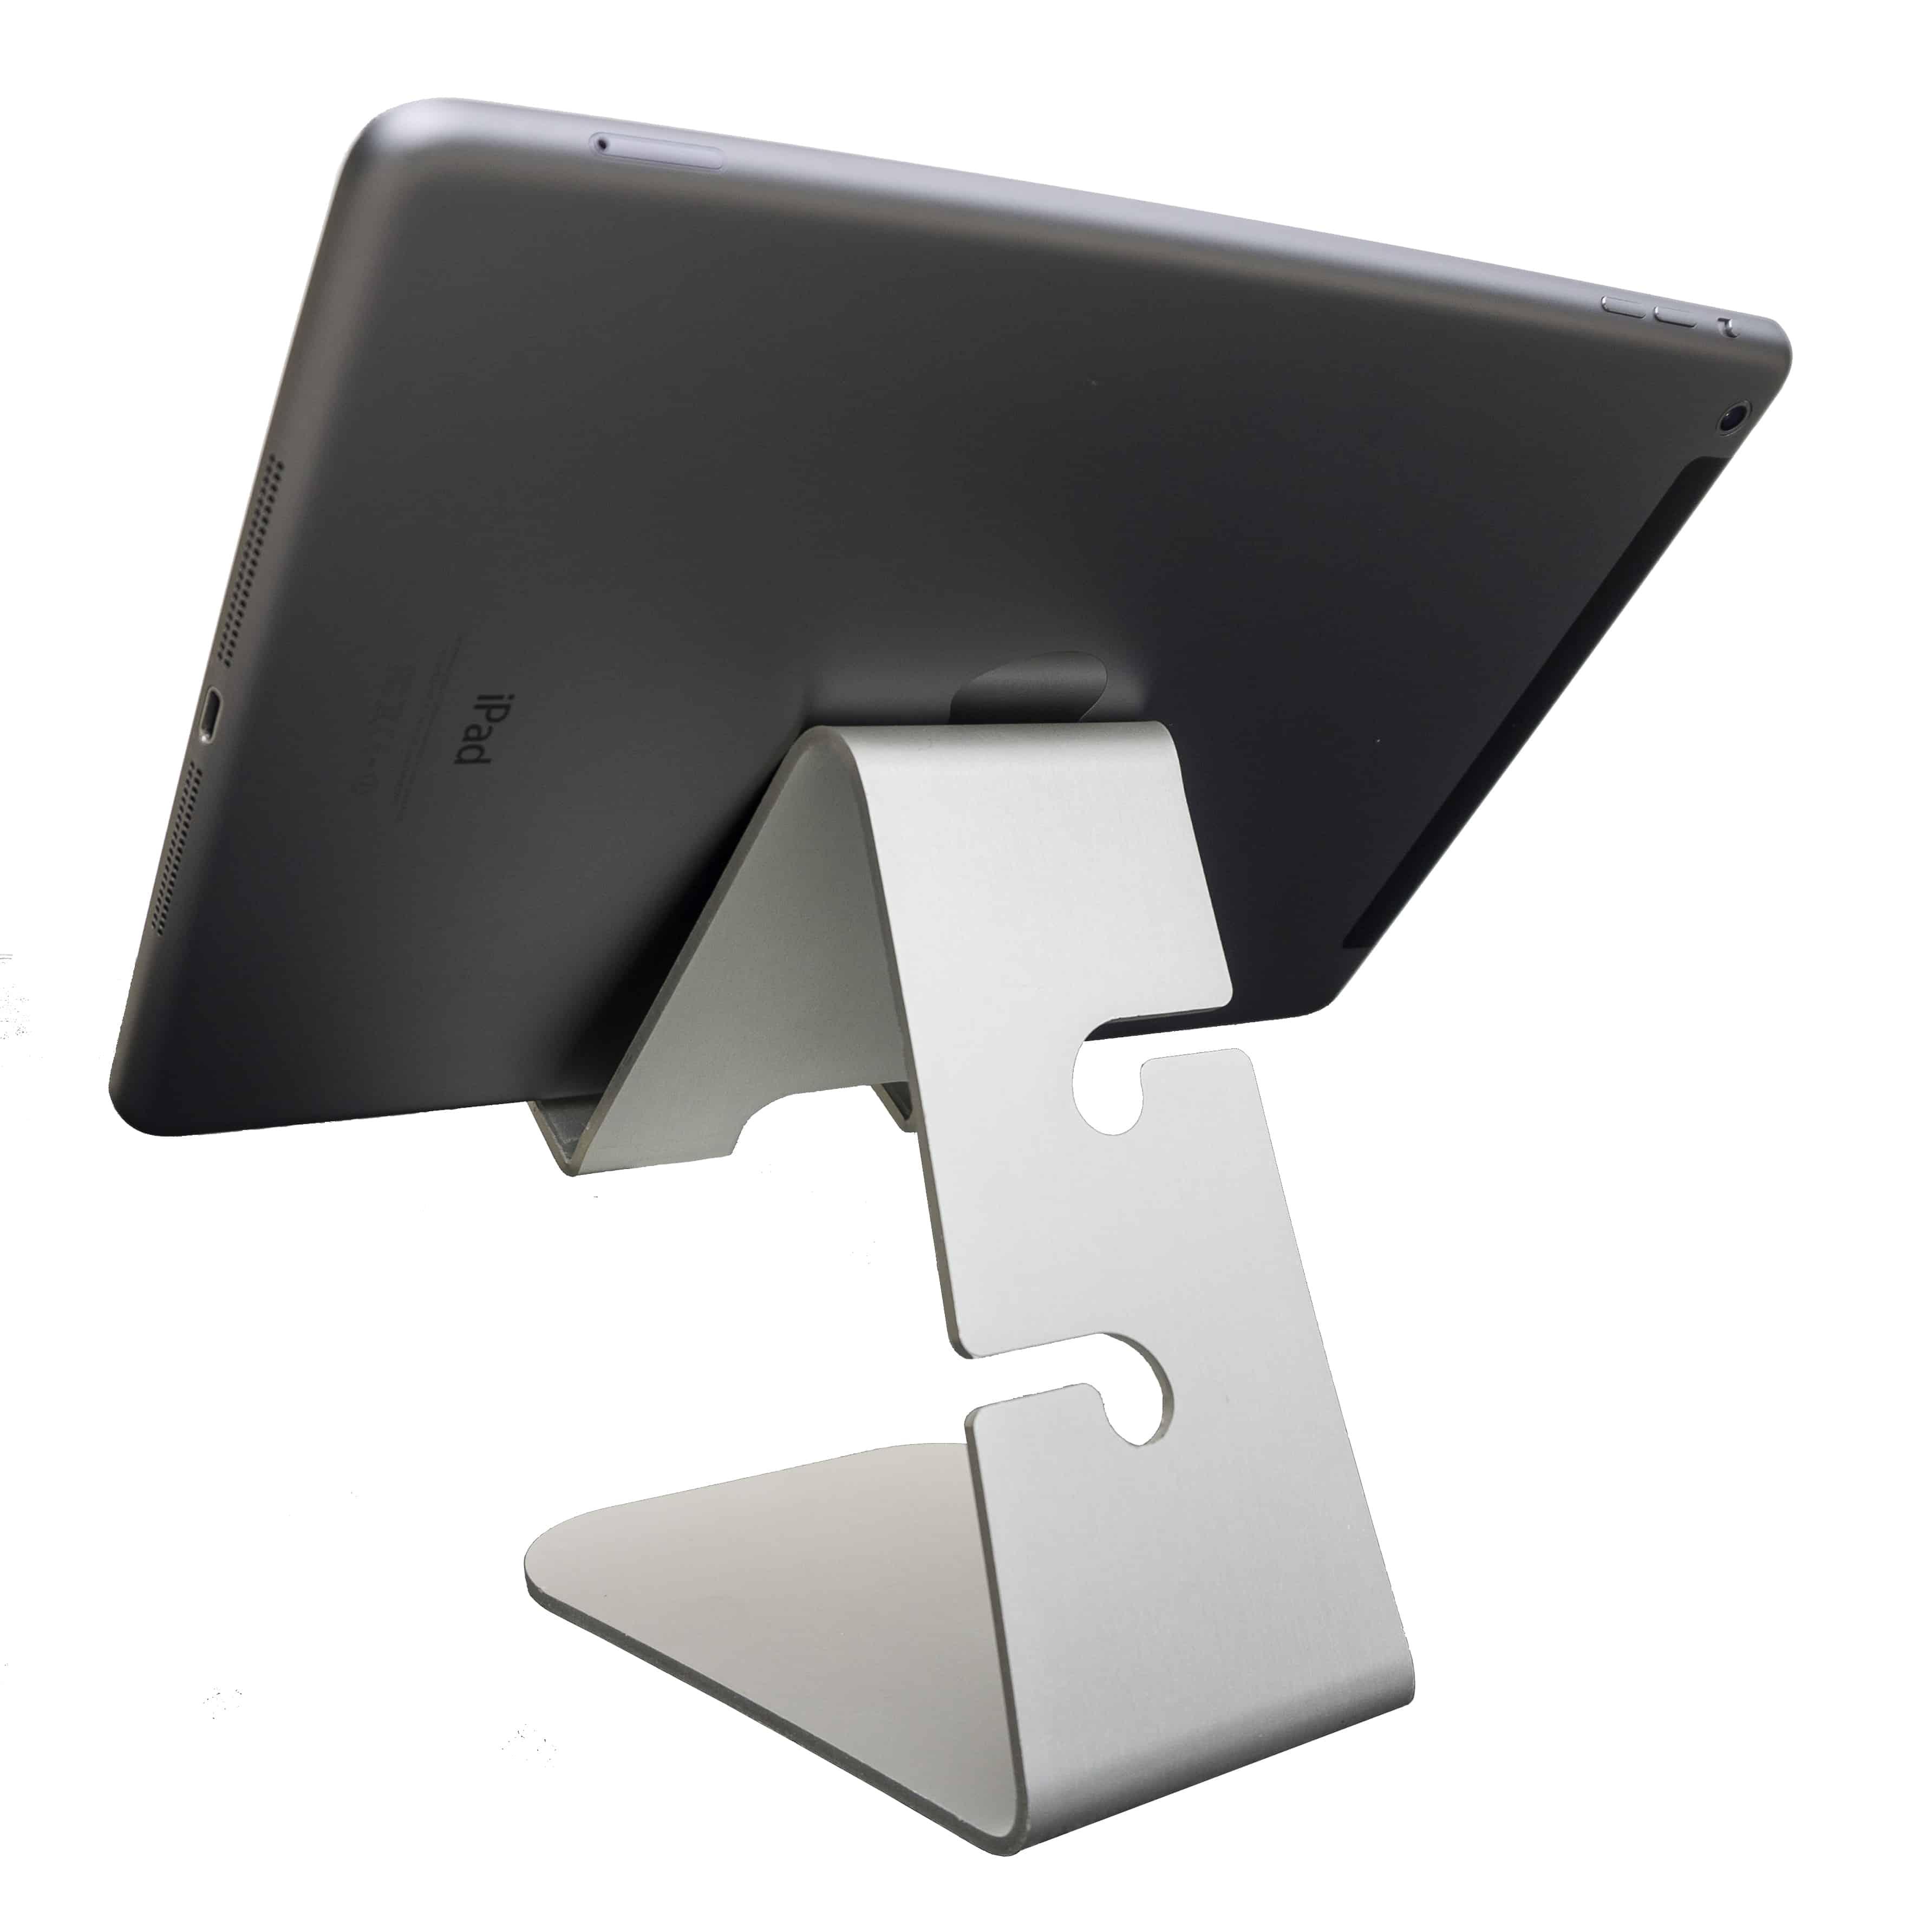 Gentil Ipad Stand Silver